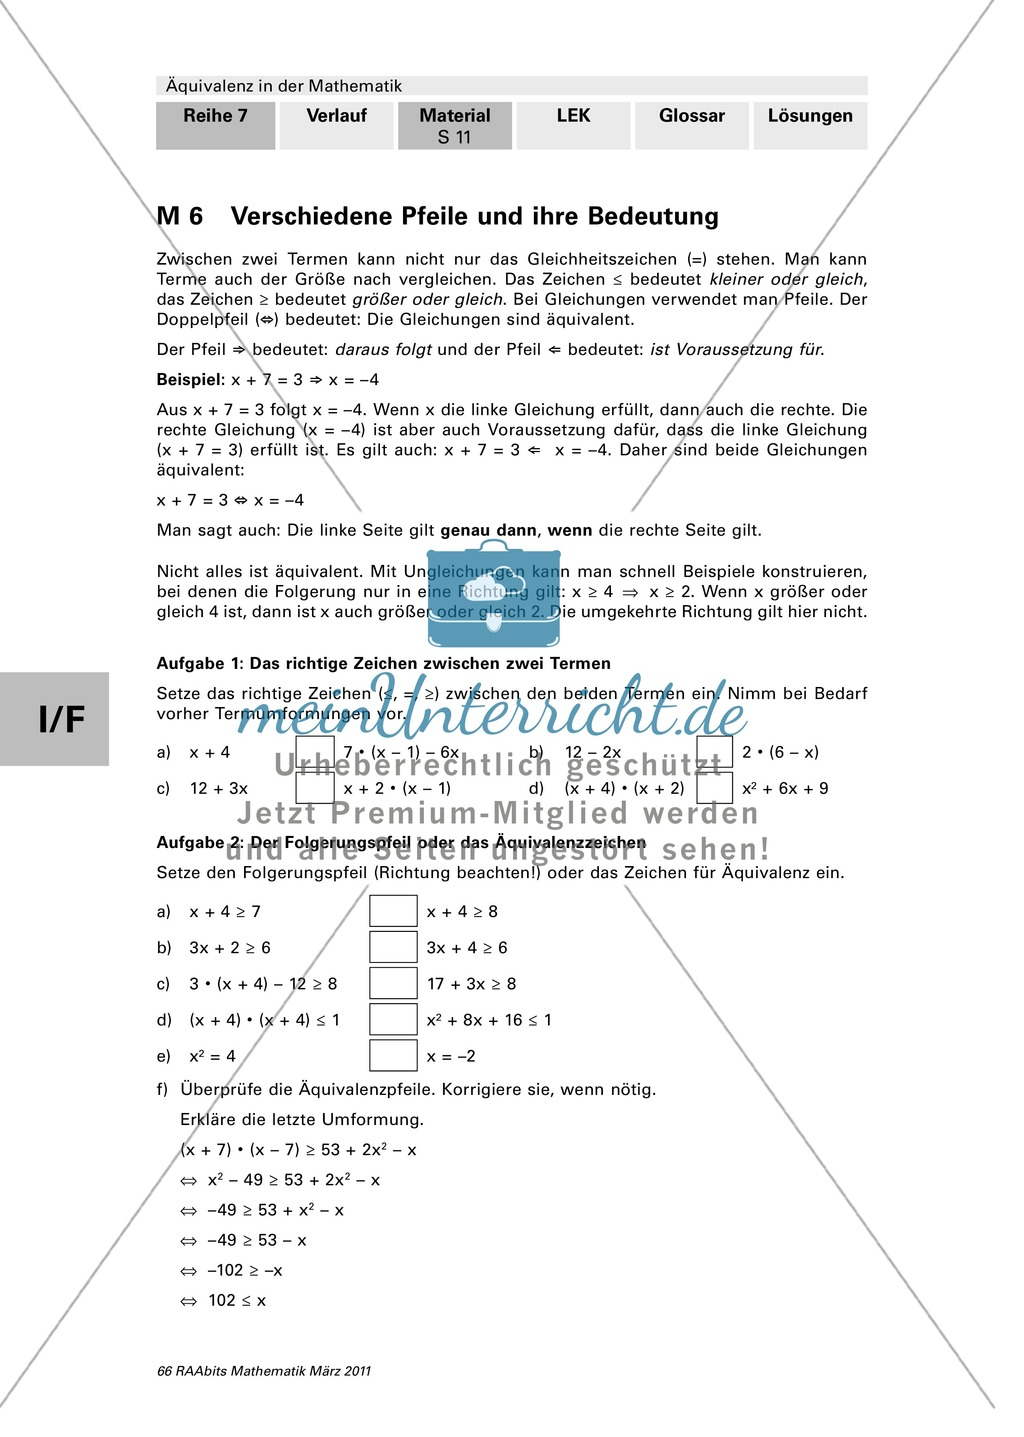 Übungen mit Lösungen zur Äquivalenzumformung - meinUnterricht